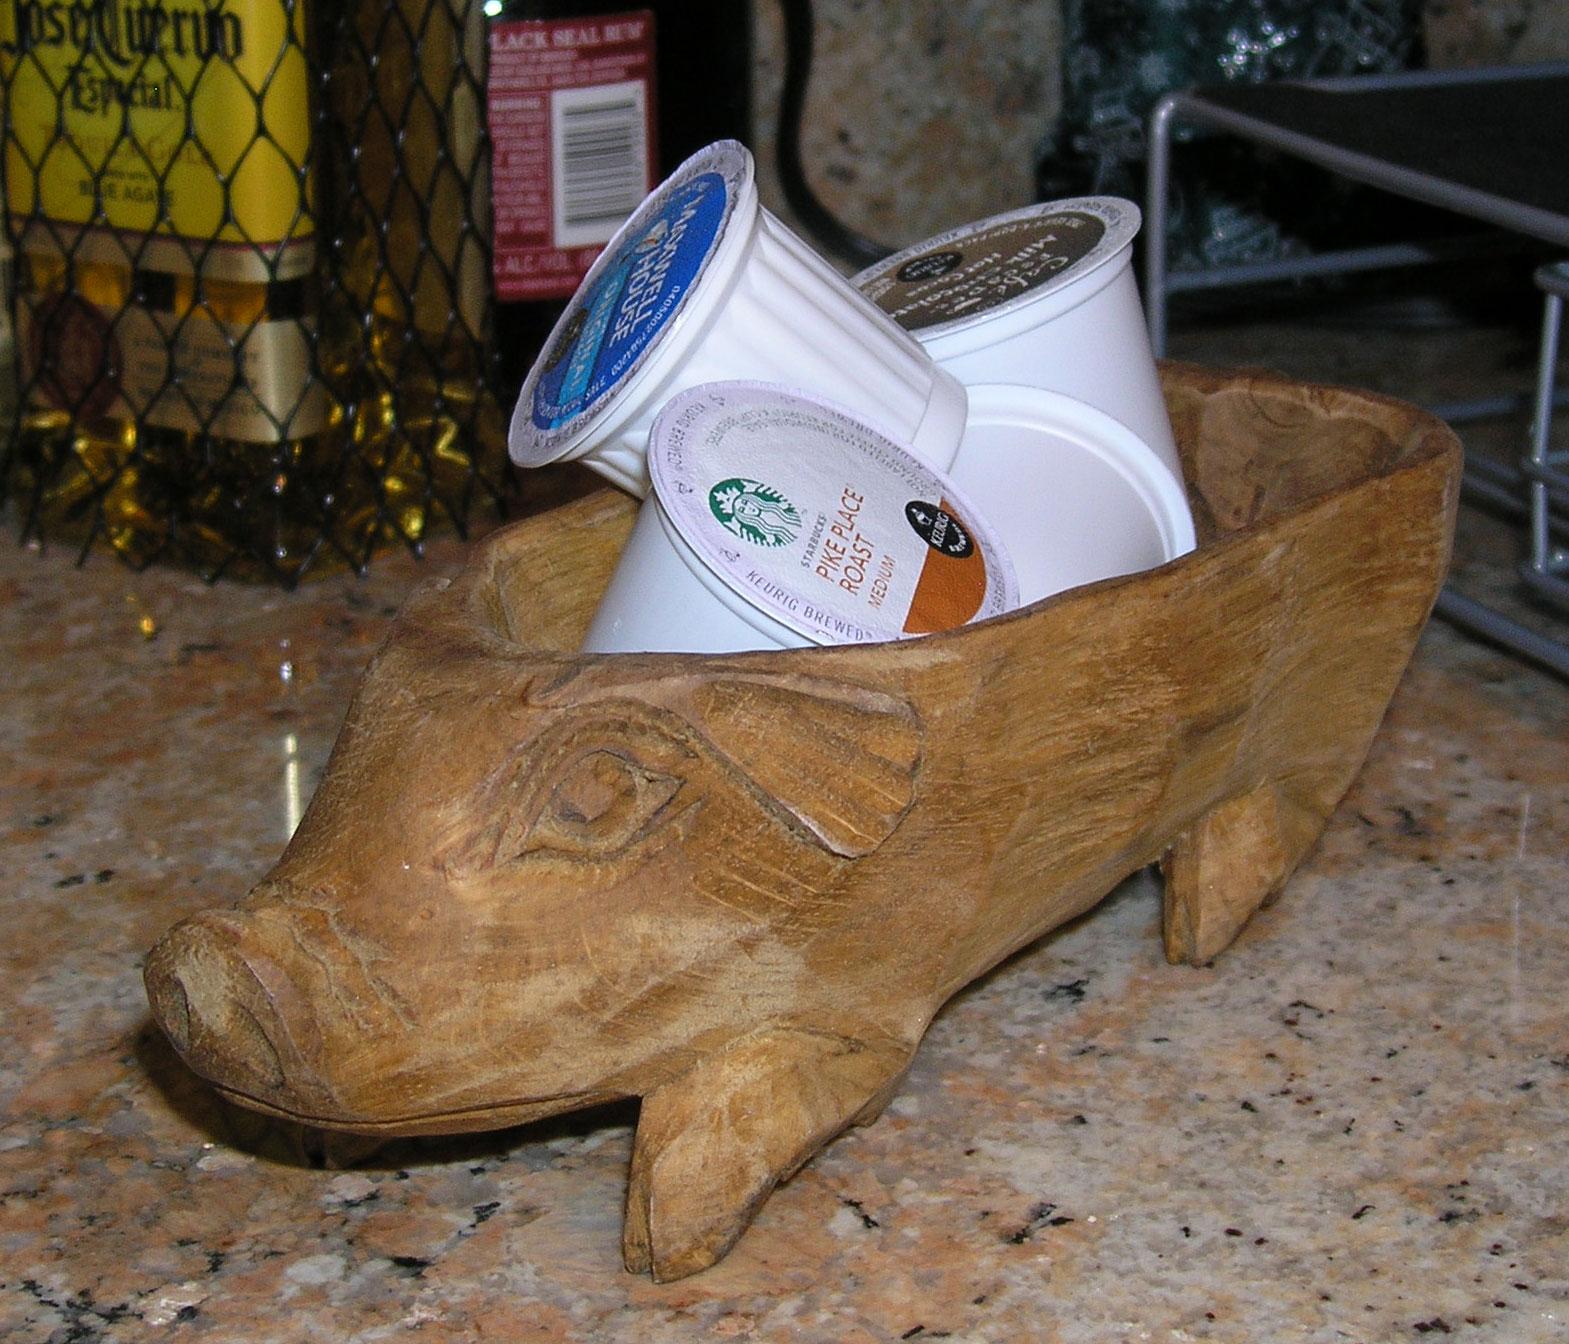 Wooden Pig Bowl Garden Artisans Llc